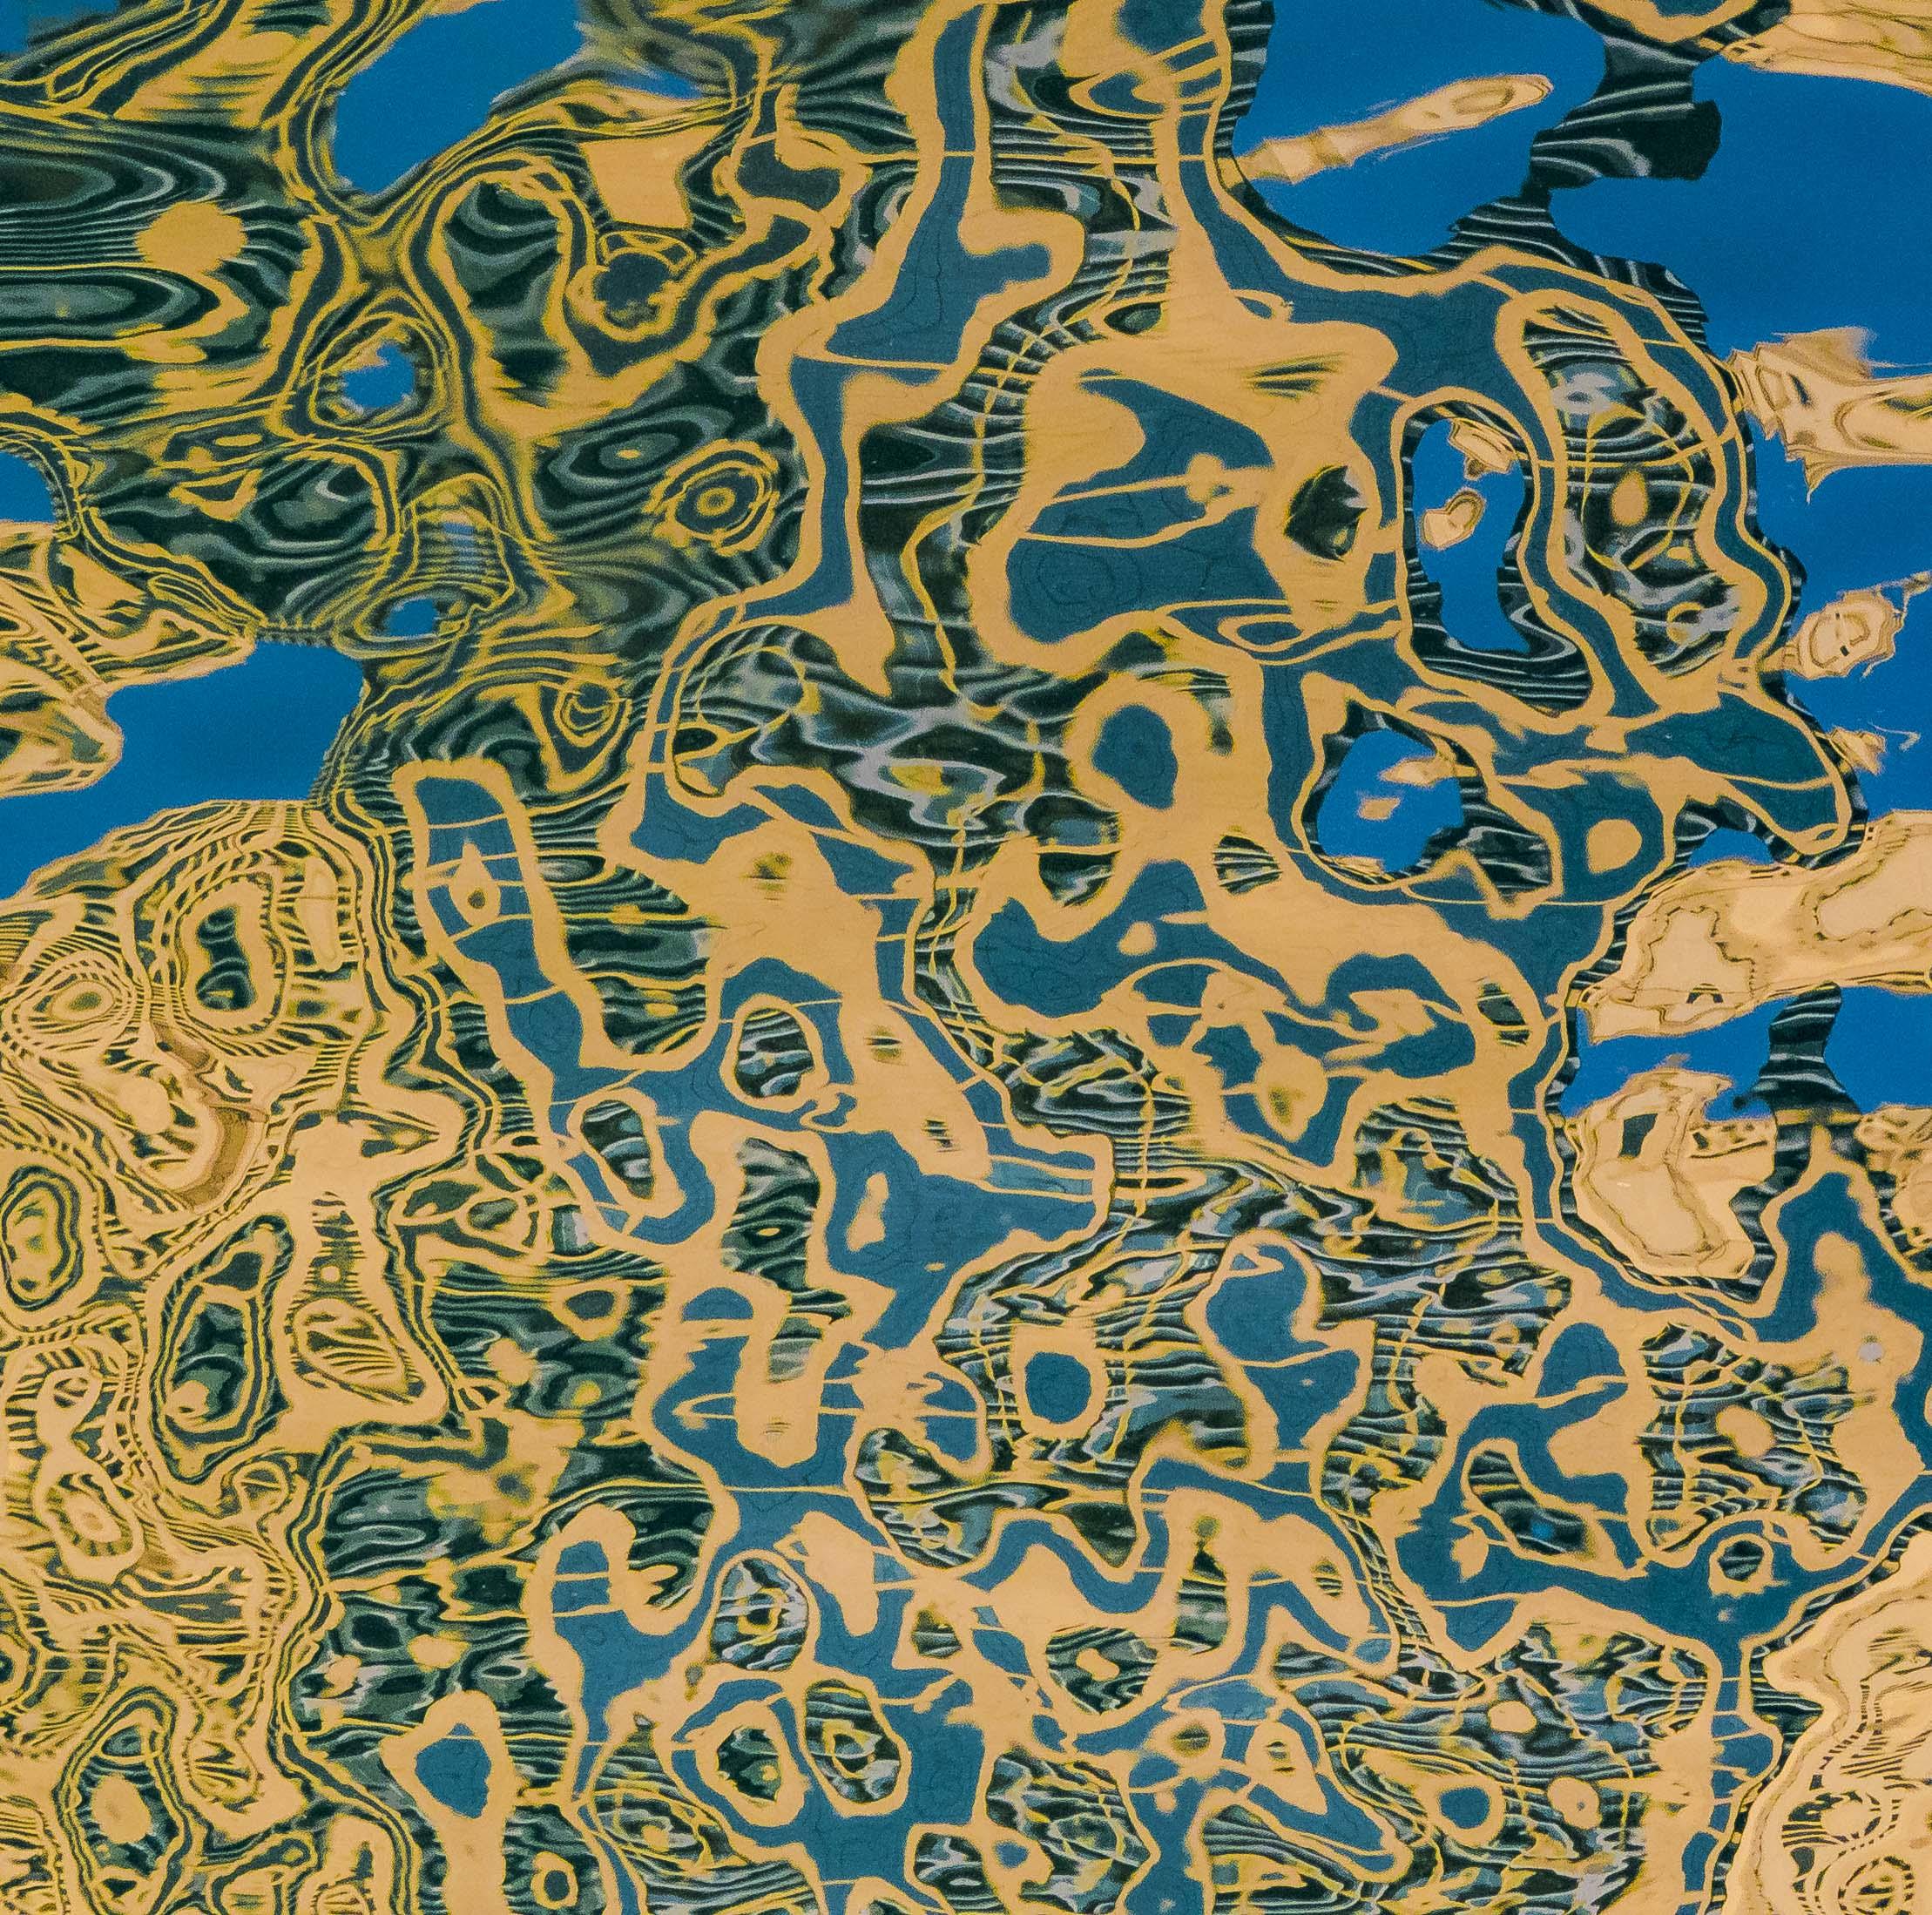 Picasso's Desert 1